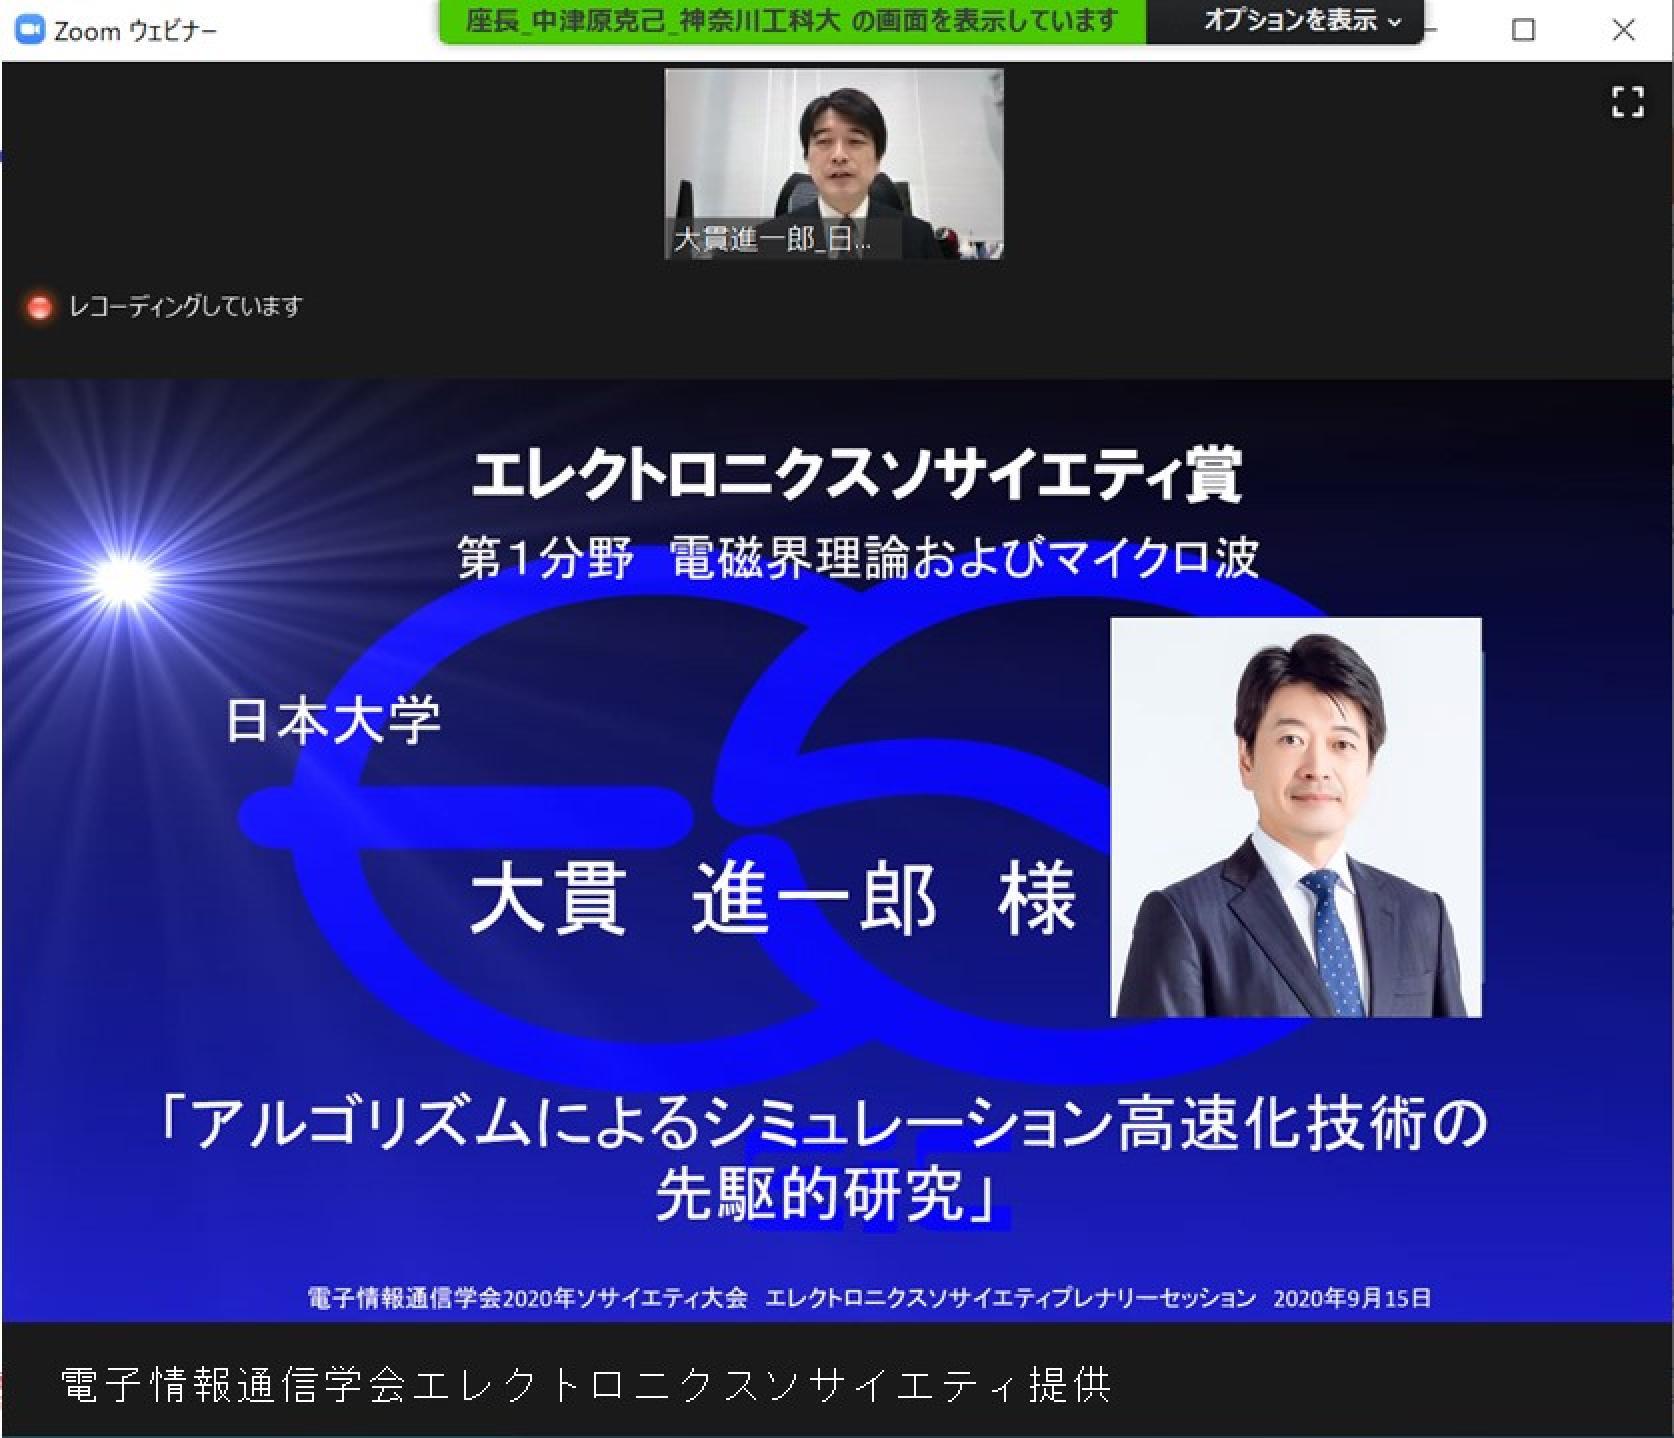 電気工学科の大貫進一郎教授が、電子情報通信学会エレクトロニクスソサイエティ賞を受賞しました。